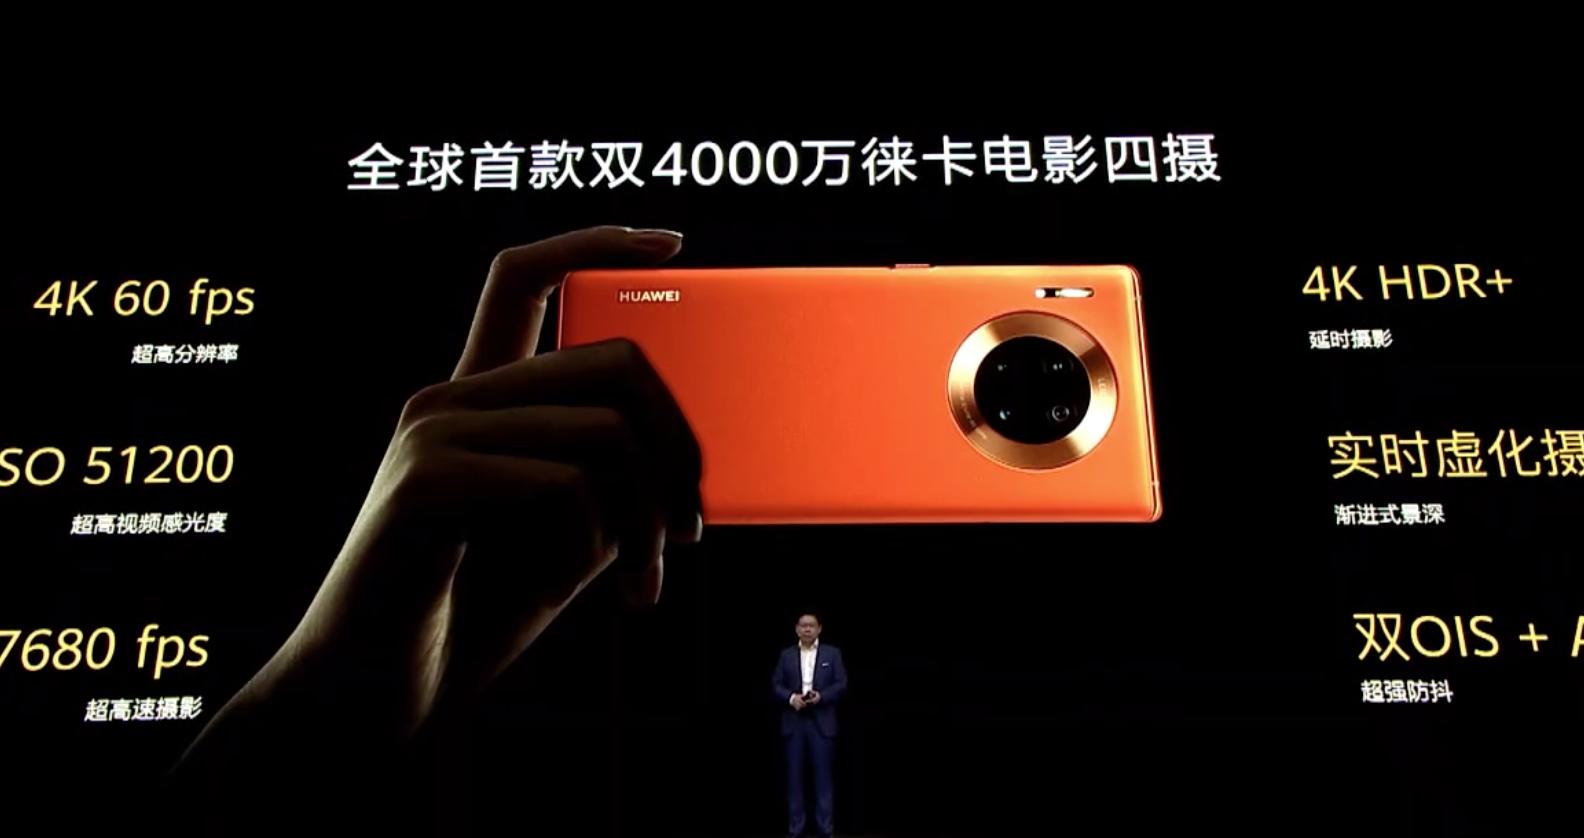 华为Mate30系列国内发布 售价3999元起的照片 - 3